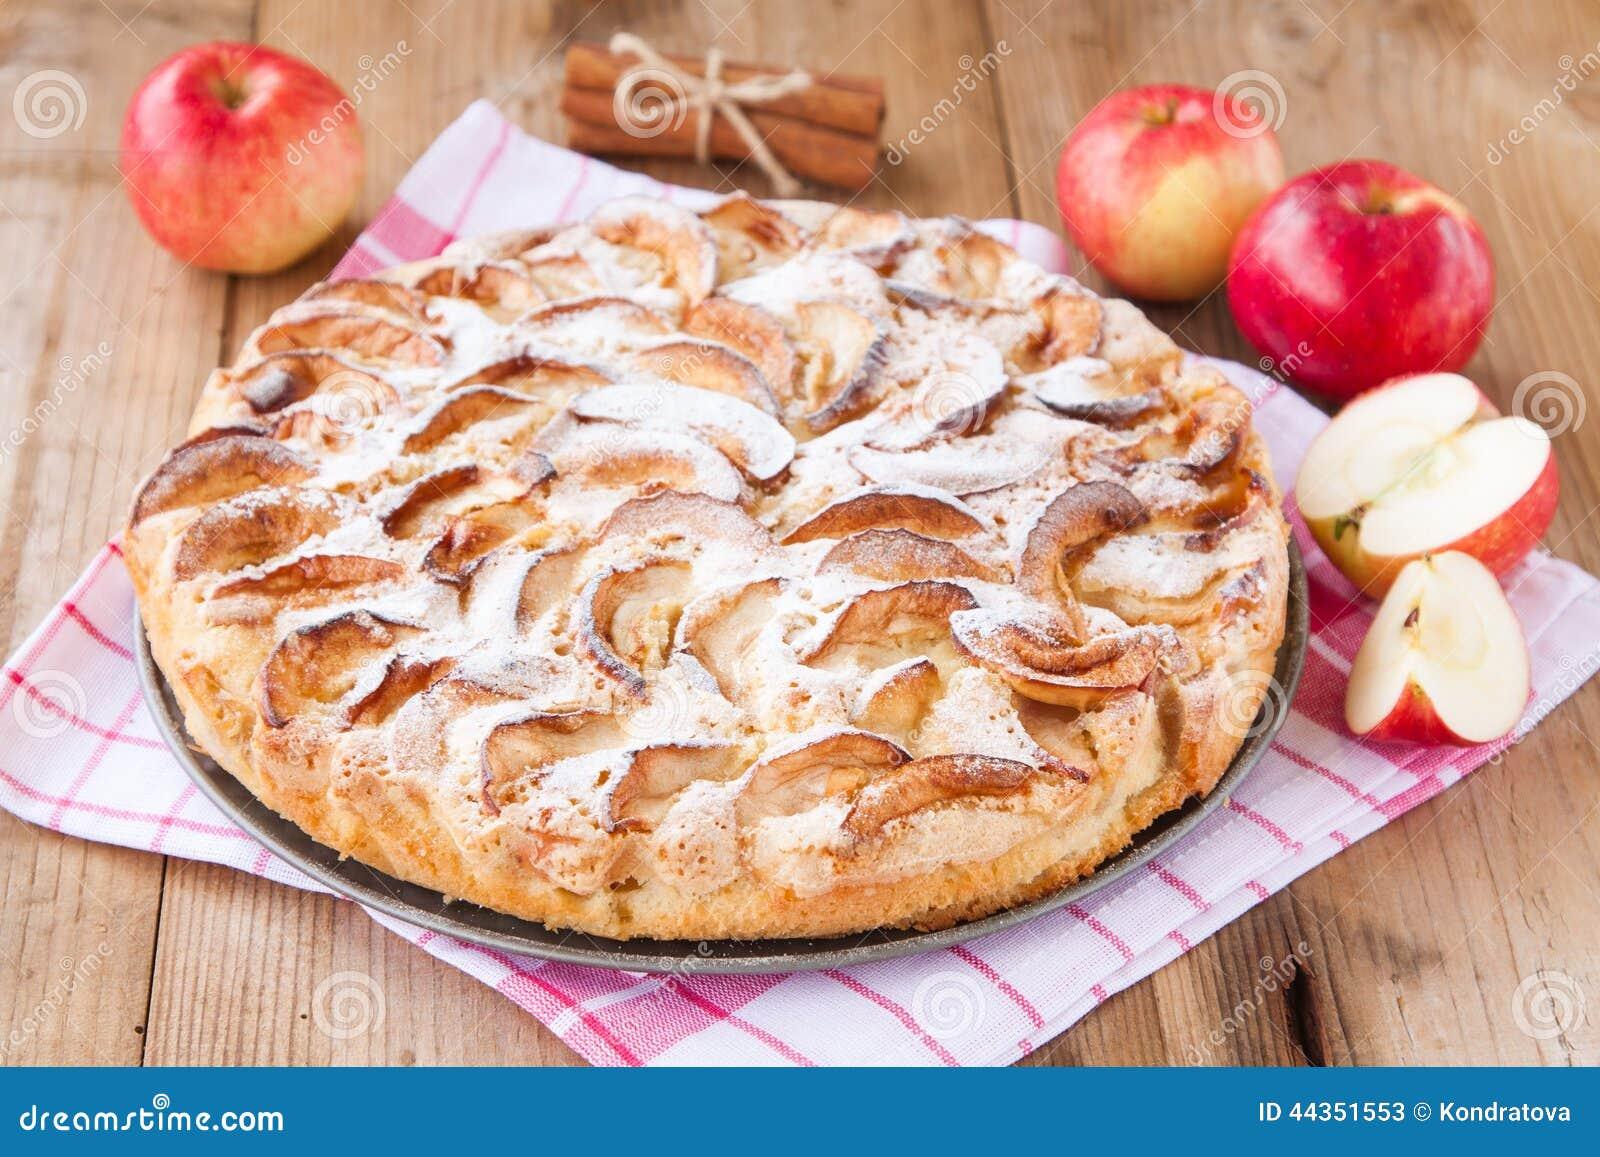 Torta di mele su un fondo di legno con cannella